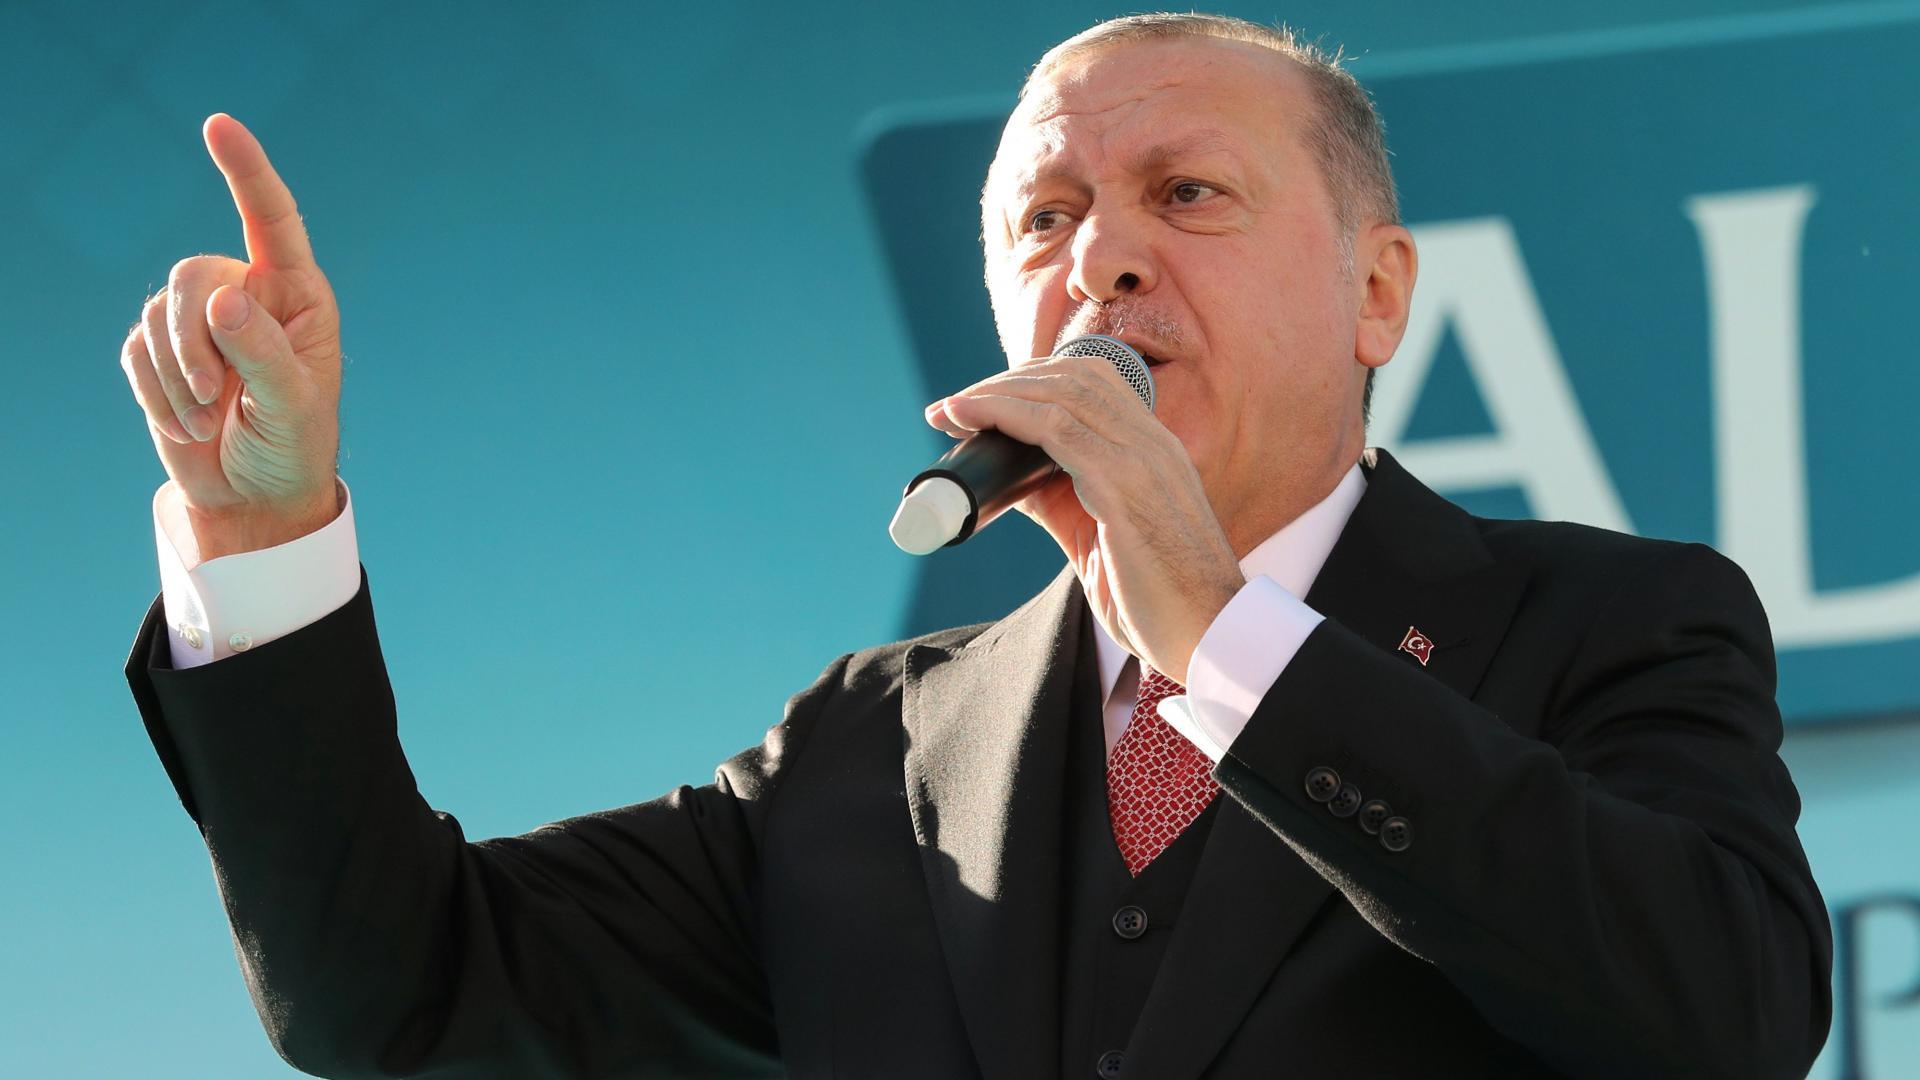 أردوغان: لا أقابل شخصا مثل السيسي.. وعن مقتل خاشقجي: إن لم يكن ولي عهد السعودية يعلم فمن يعلم؟